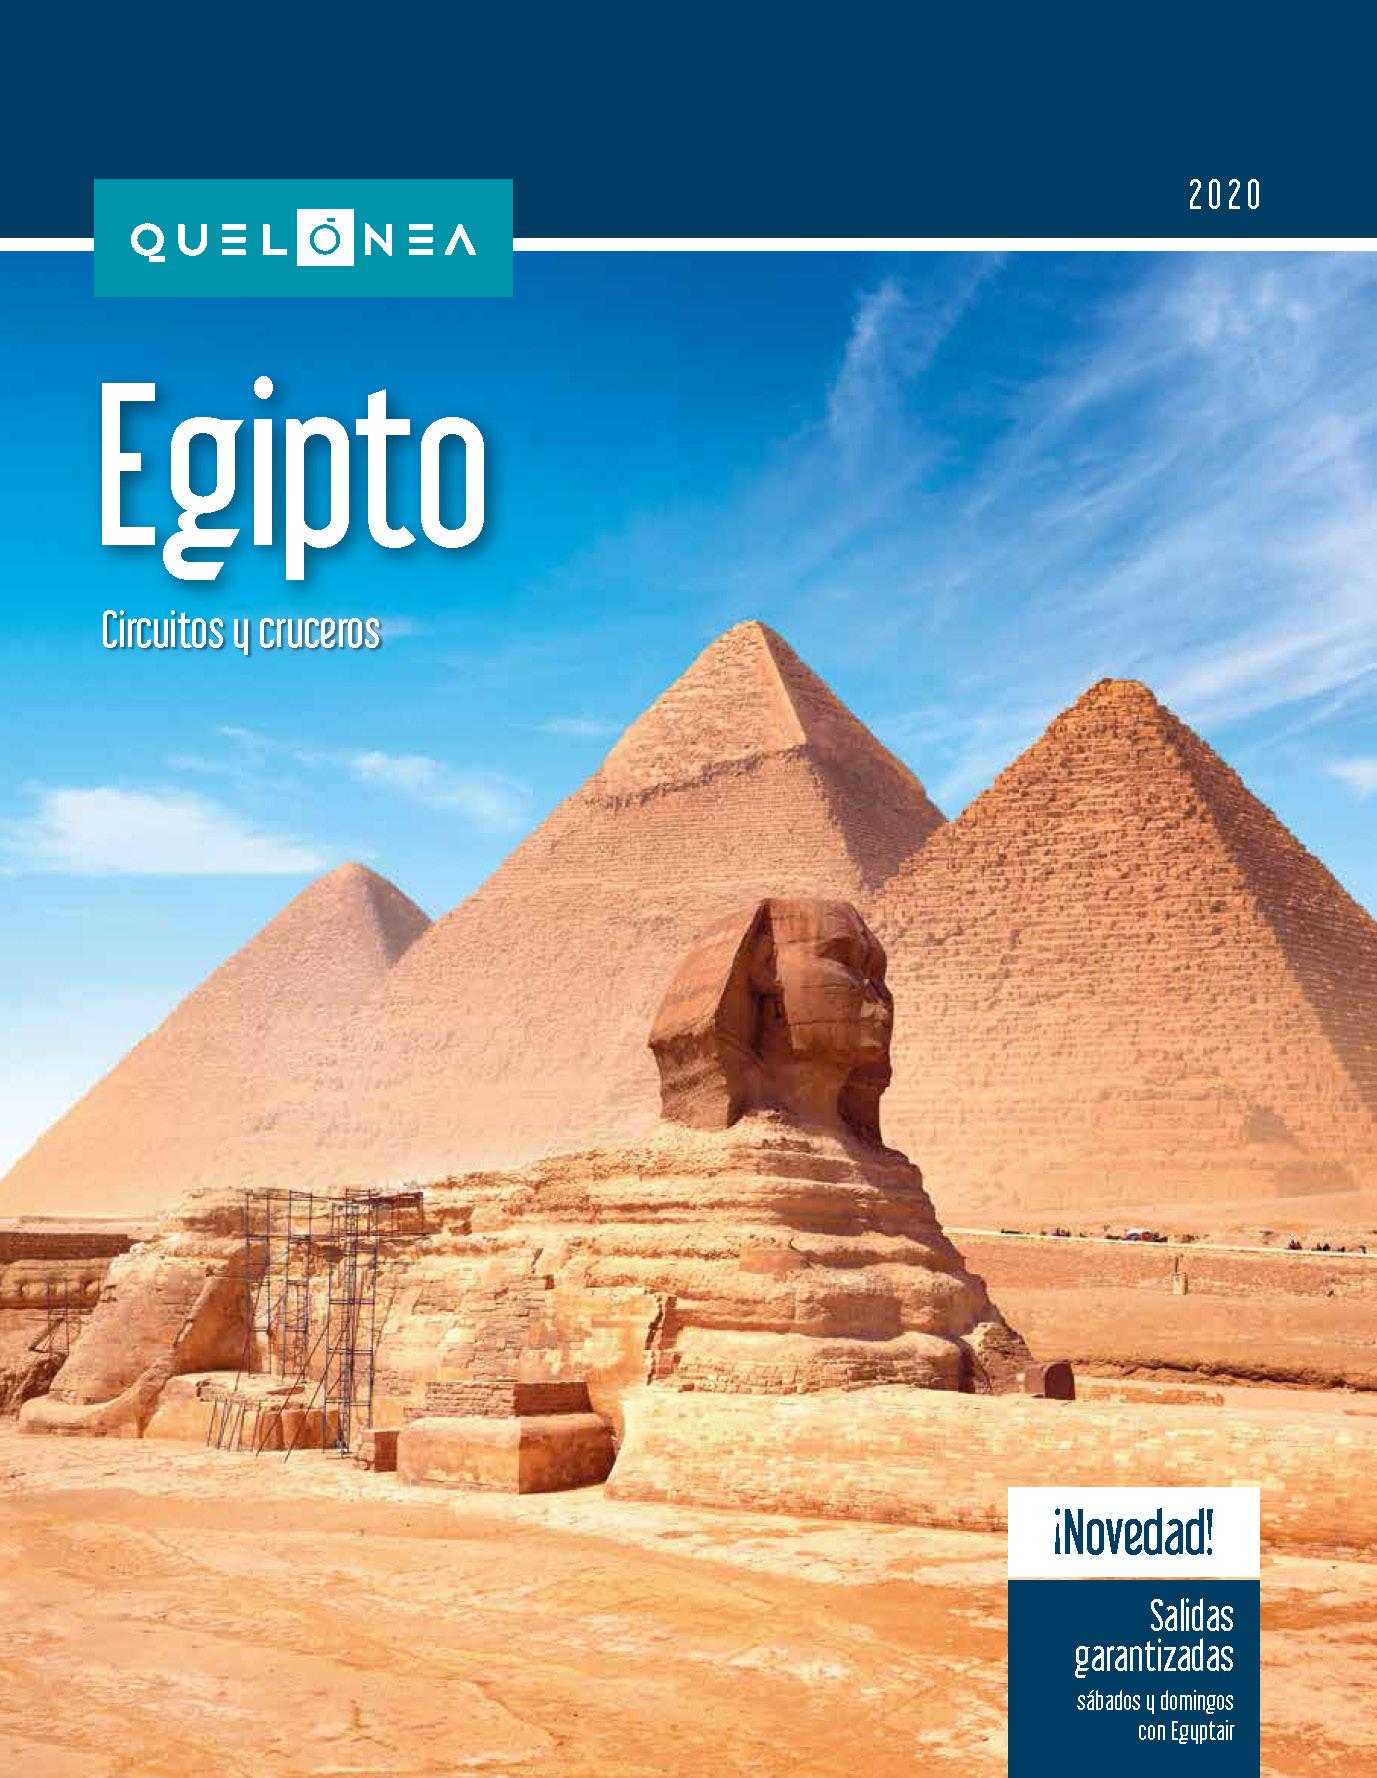 Catalogo Quelonea Egipto 2020